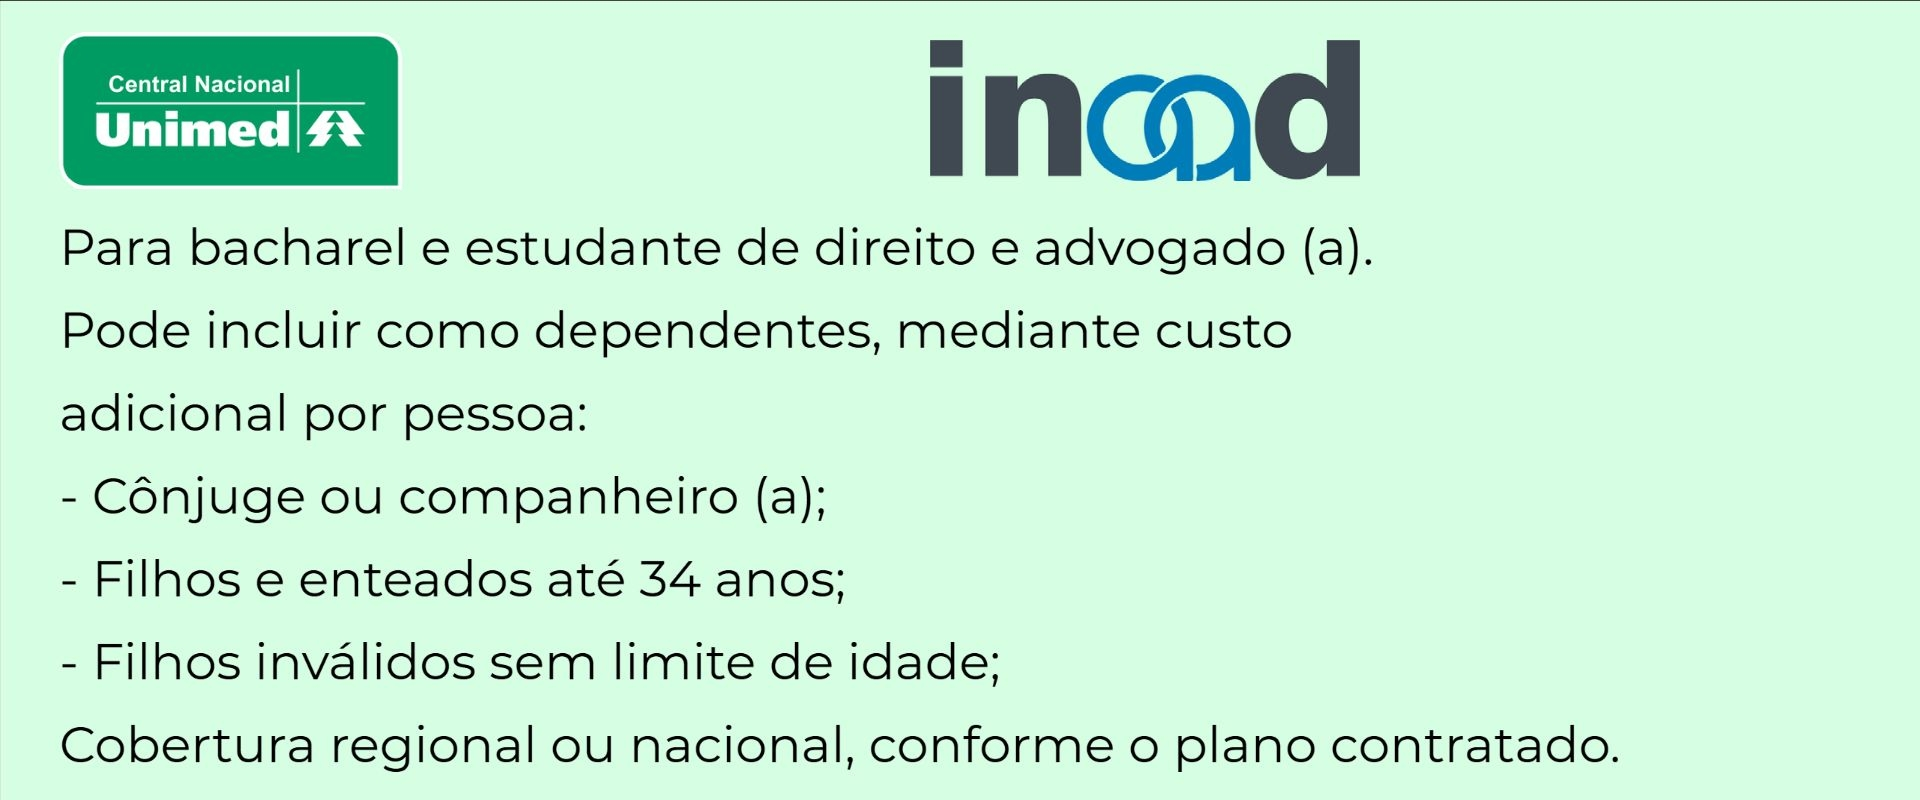 Unimed Inaad-SP